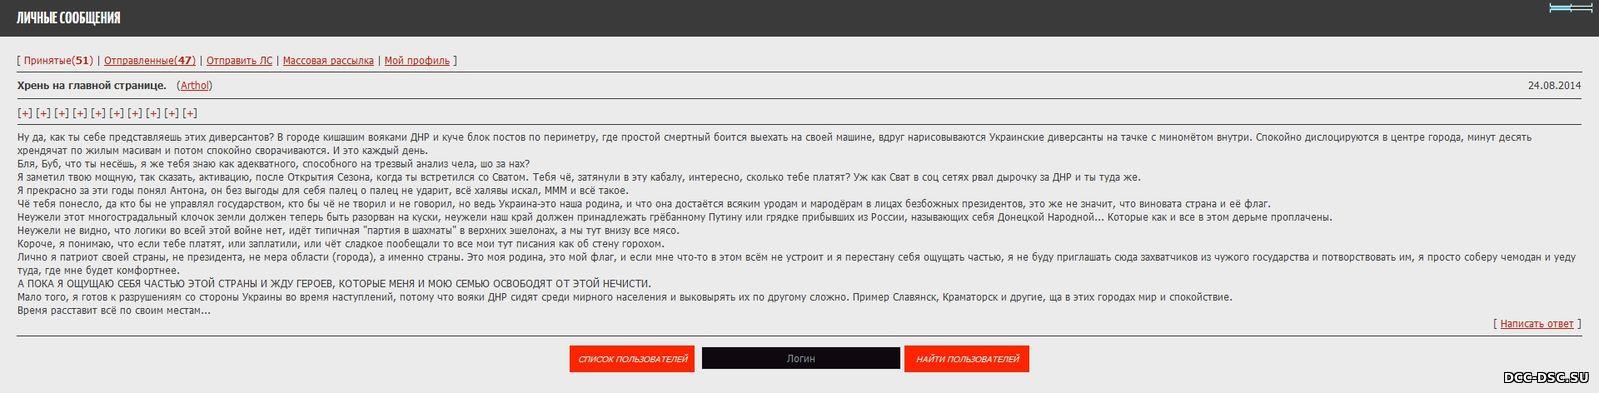 Решебник по русс яз упр.240 г.кирова в п.канакина 4 класс 1 часть